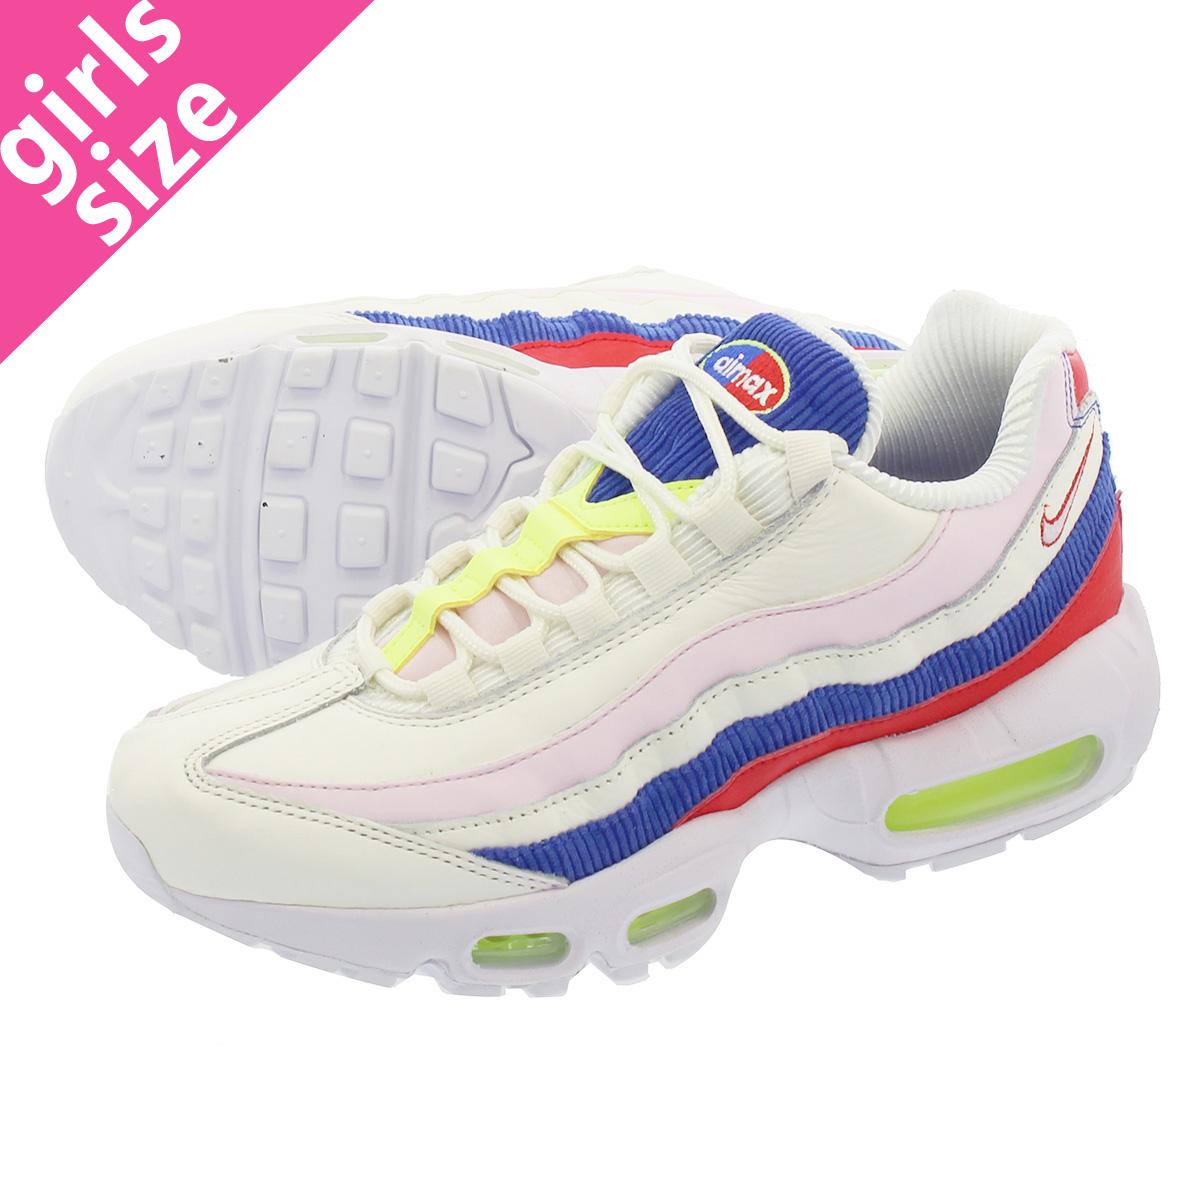 reputable site 45ff7 d1636 NIKE WMNS AIR MAX 95 SE Nike women Air Max 95 SE SAIL ARCTIC PINK RACER BLUE  aq4138-101